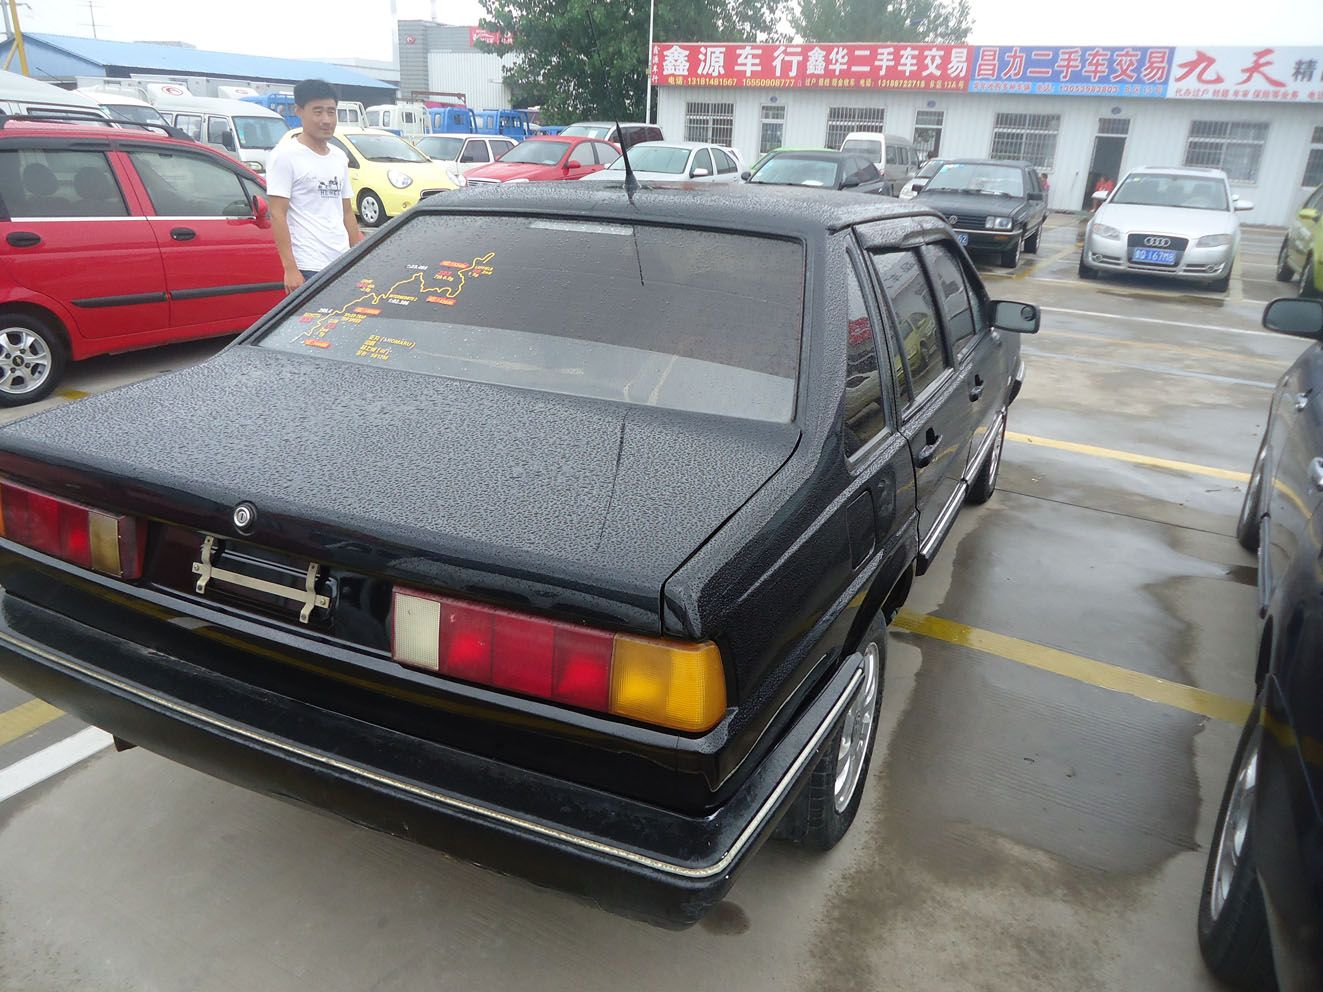 桑塔纳老款车的档位图片下载 老款a6 2.8 档位,下雪天用什高清图片